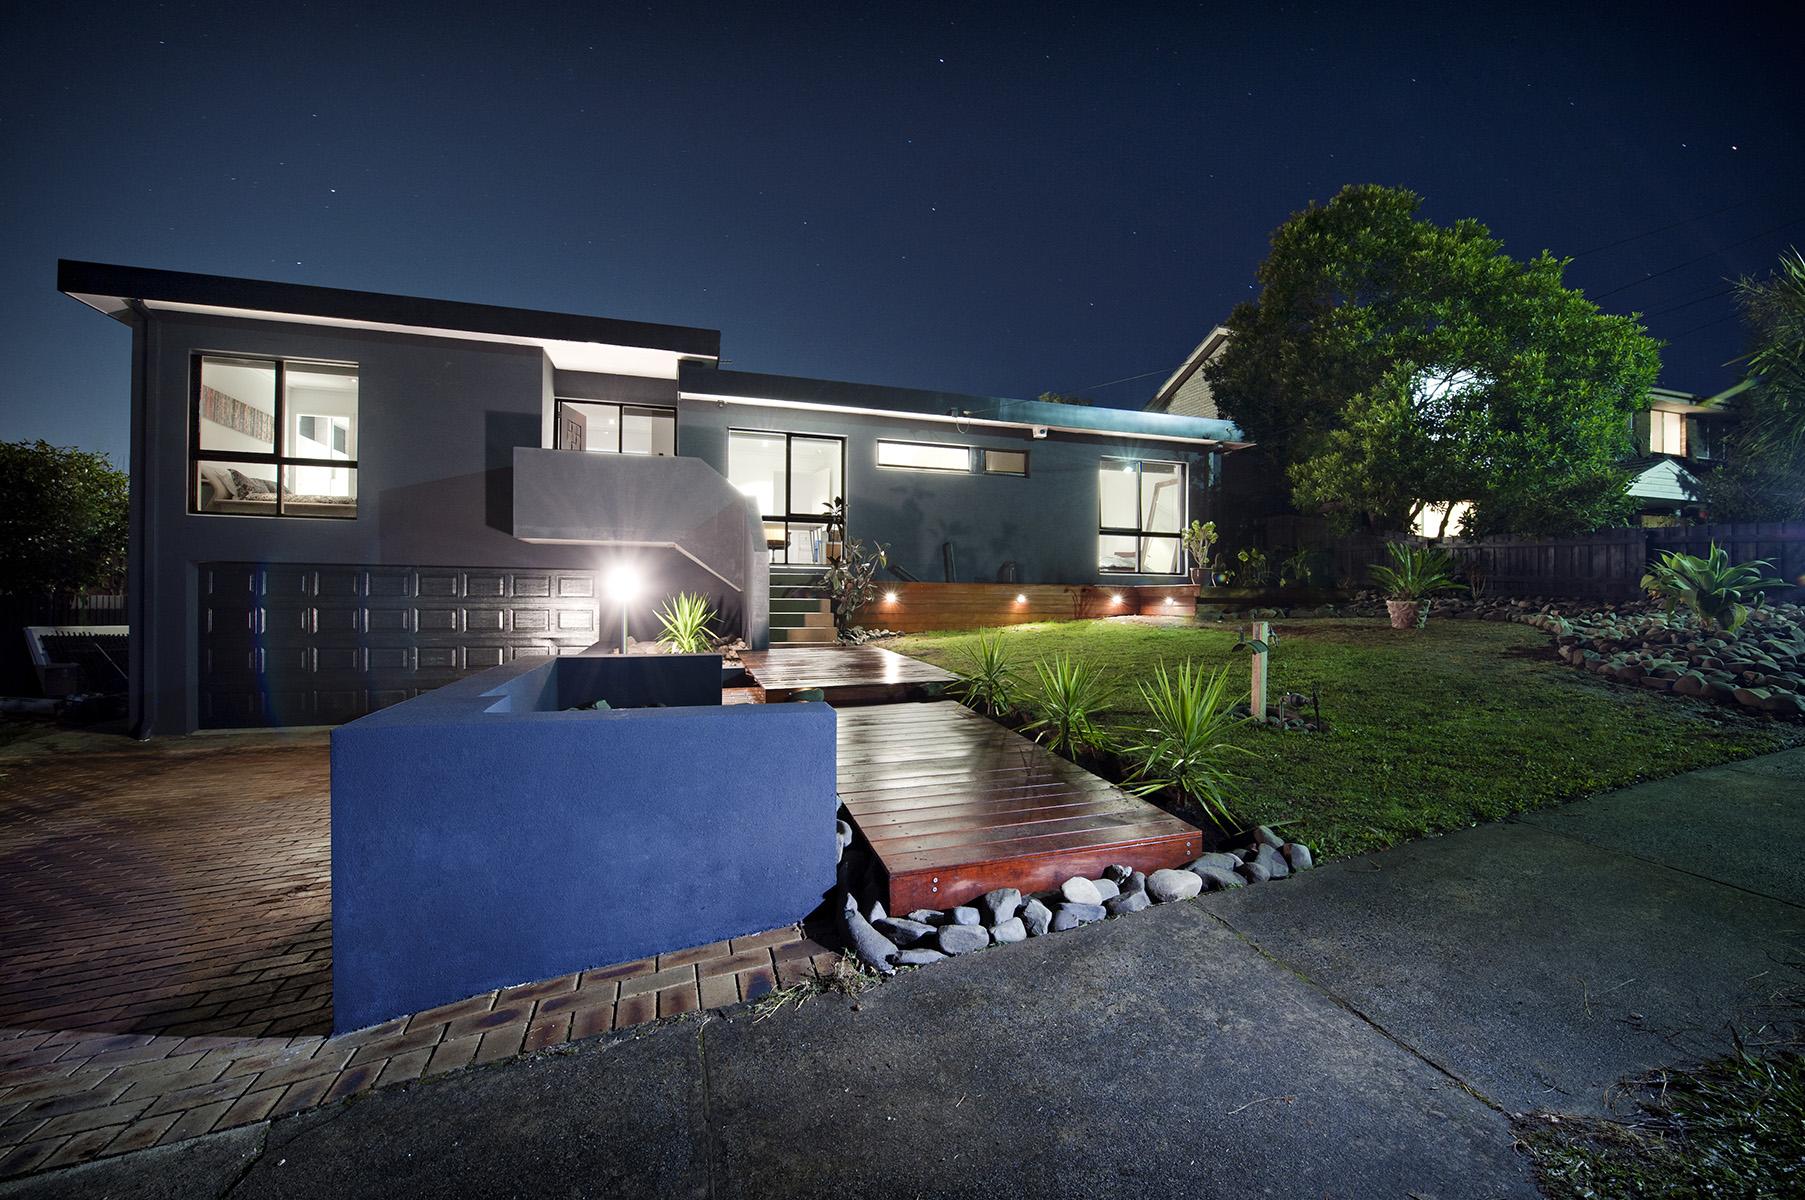 kooyman_residence-2jpgweb14.jpg